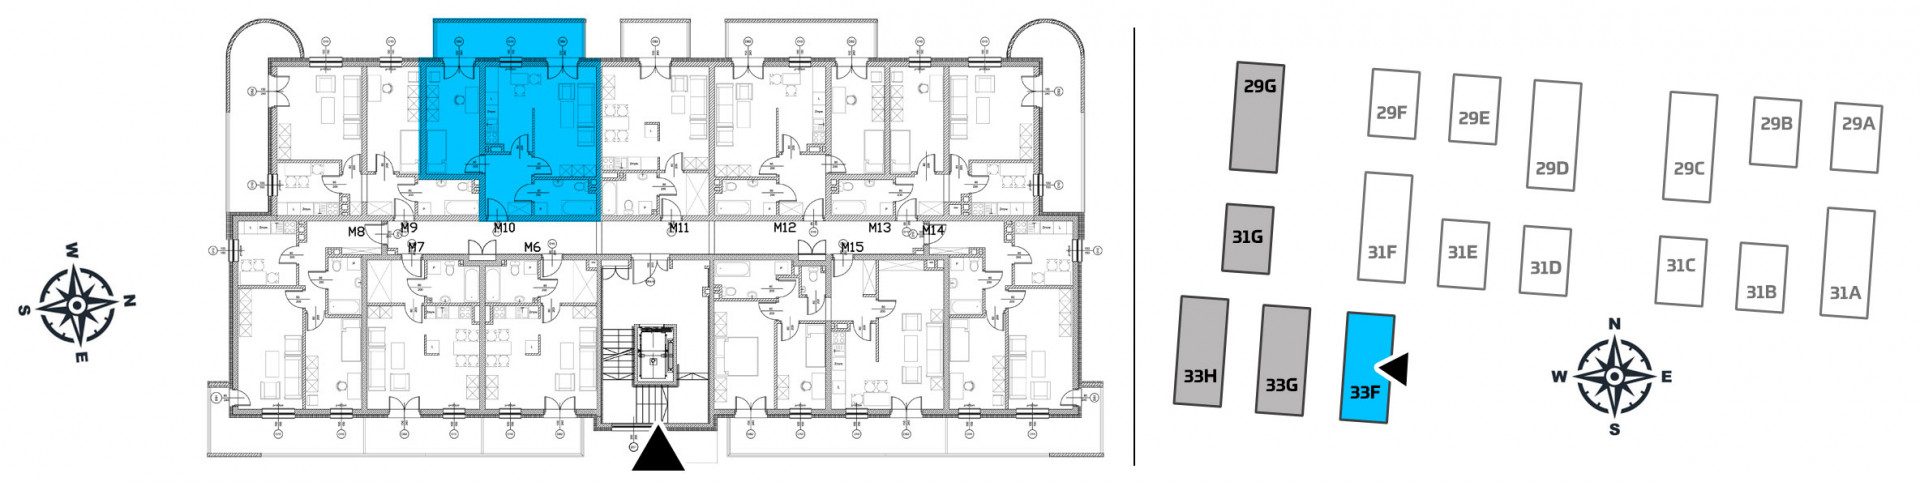 Mieszkanie dwupokojowe 33F/10 rzut 2